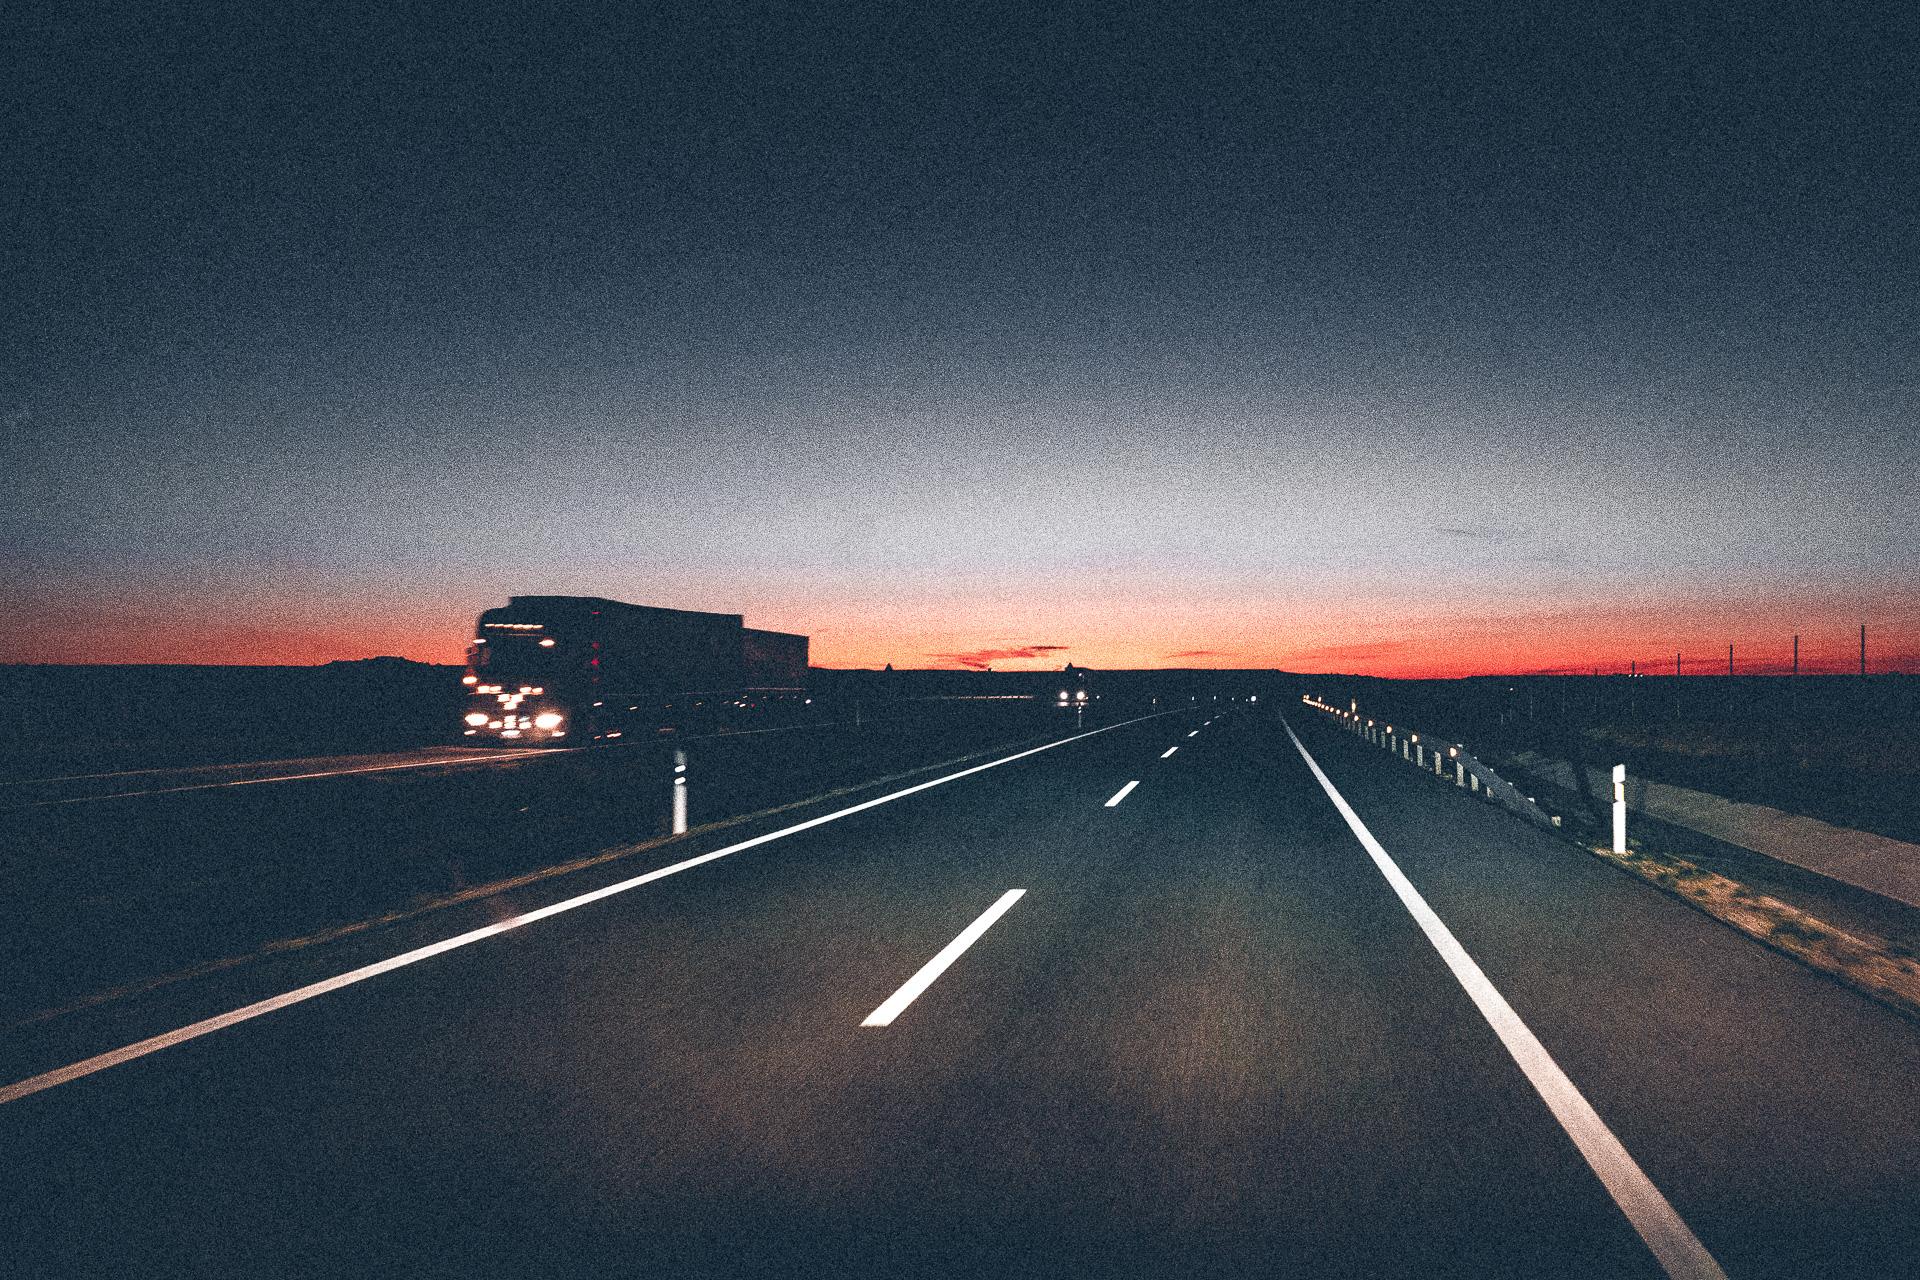 Sonnenuntergang auf dem Weg nach Portugal